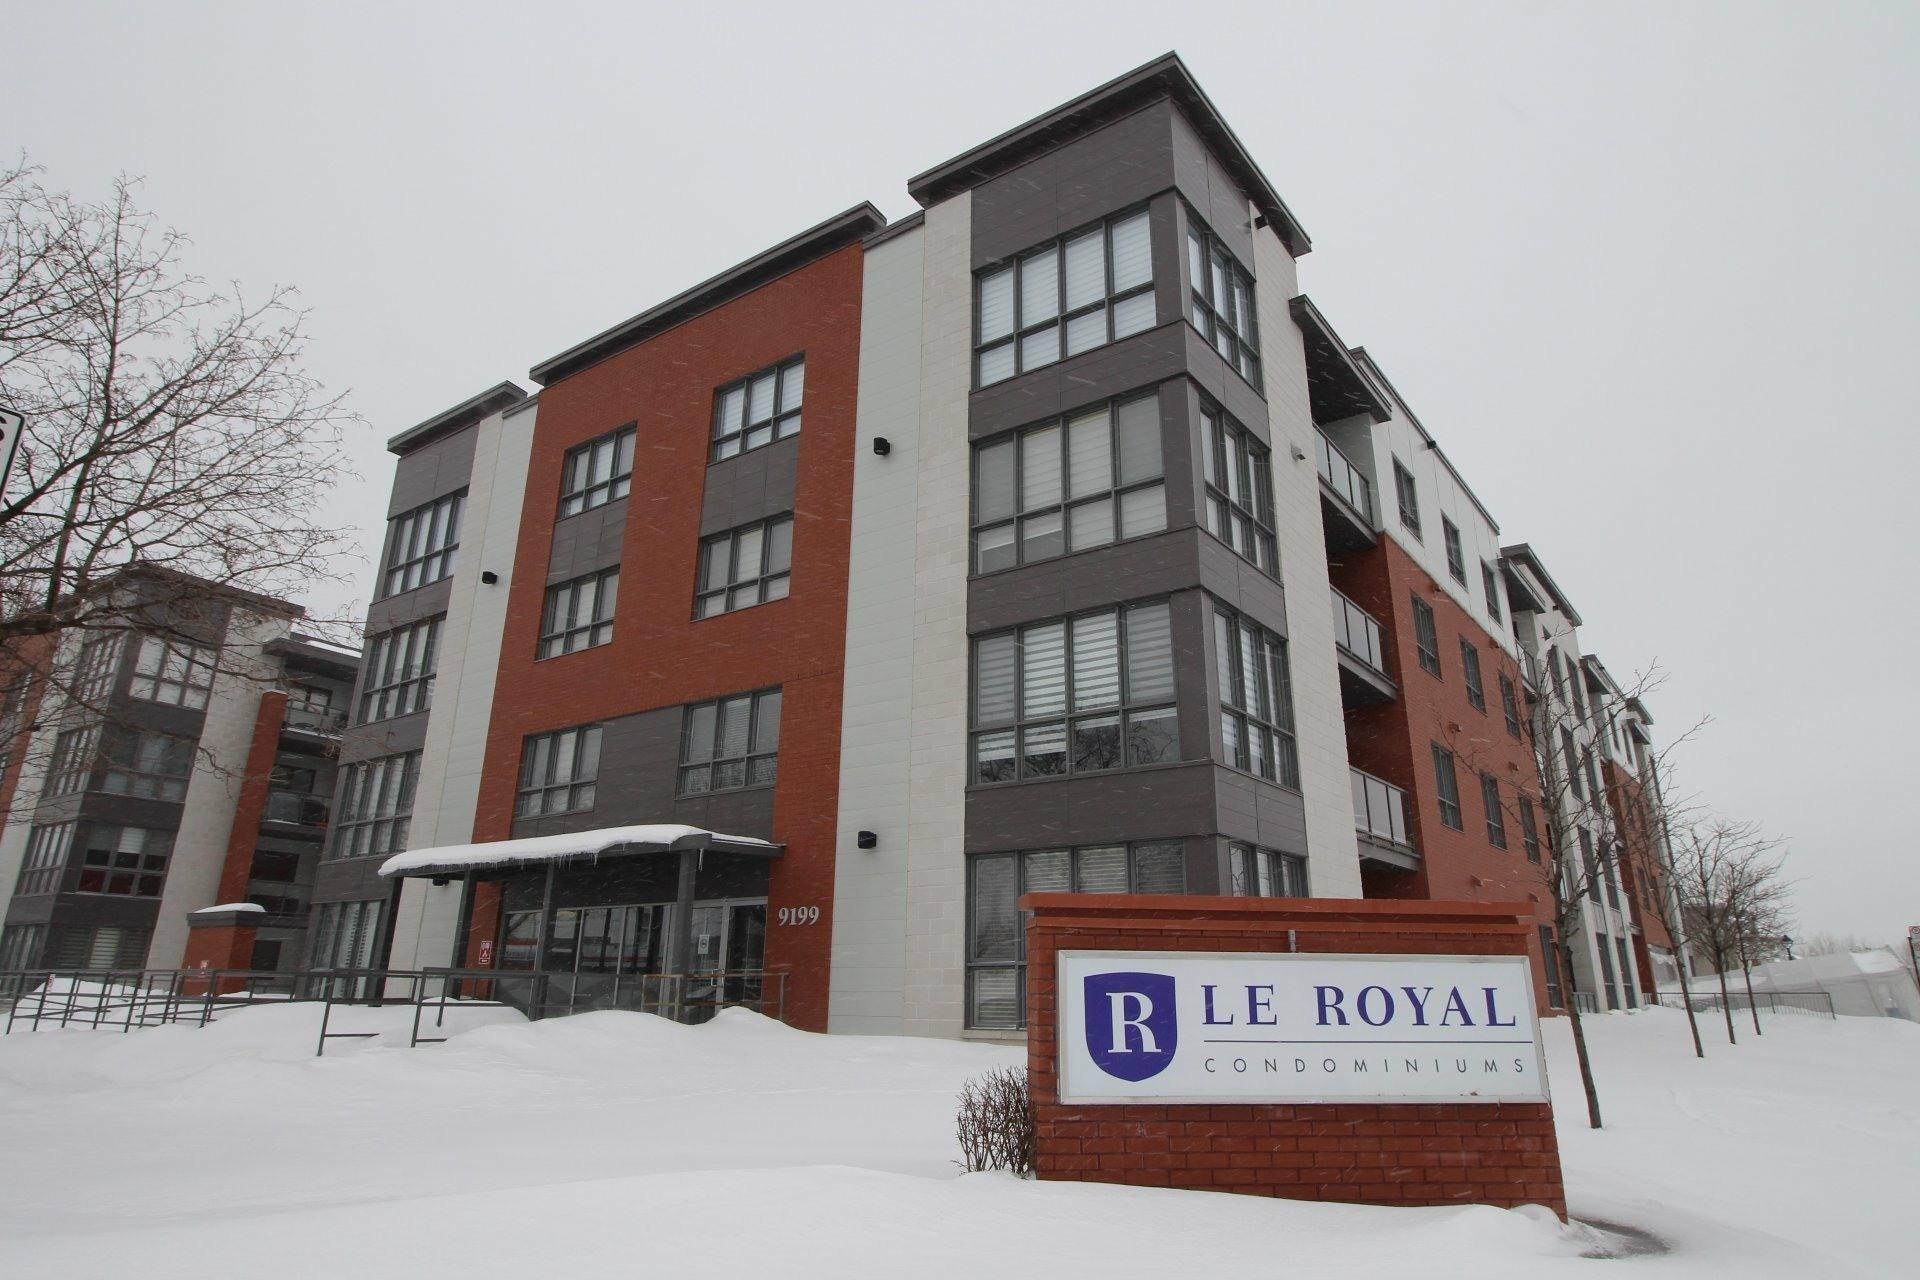 image 27 - Appartement À louer Rivière-des-Prairies/Pointe-aux-Trembles Montréal  - 6 pièces